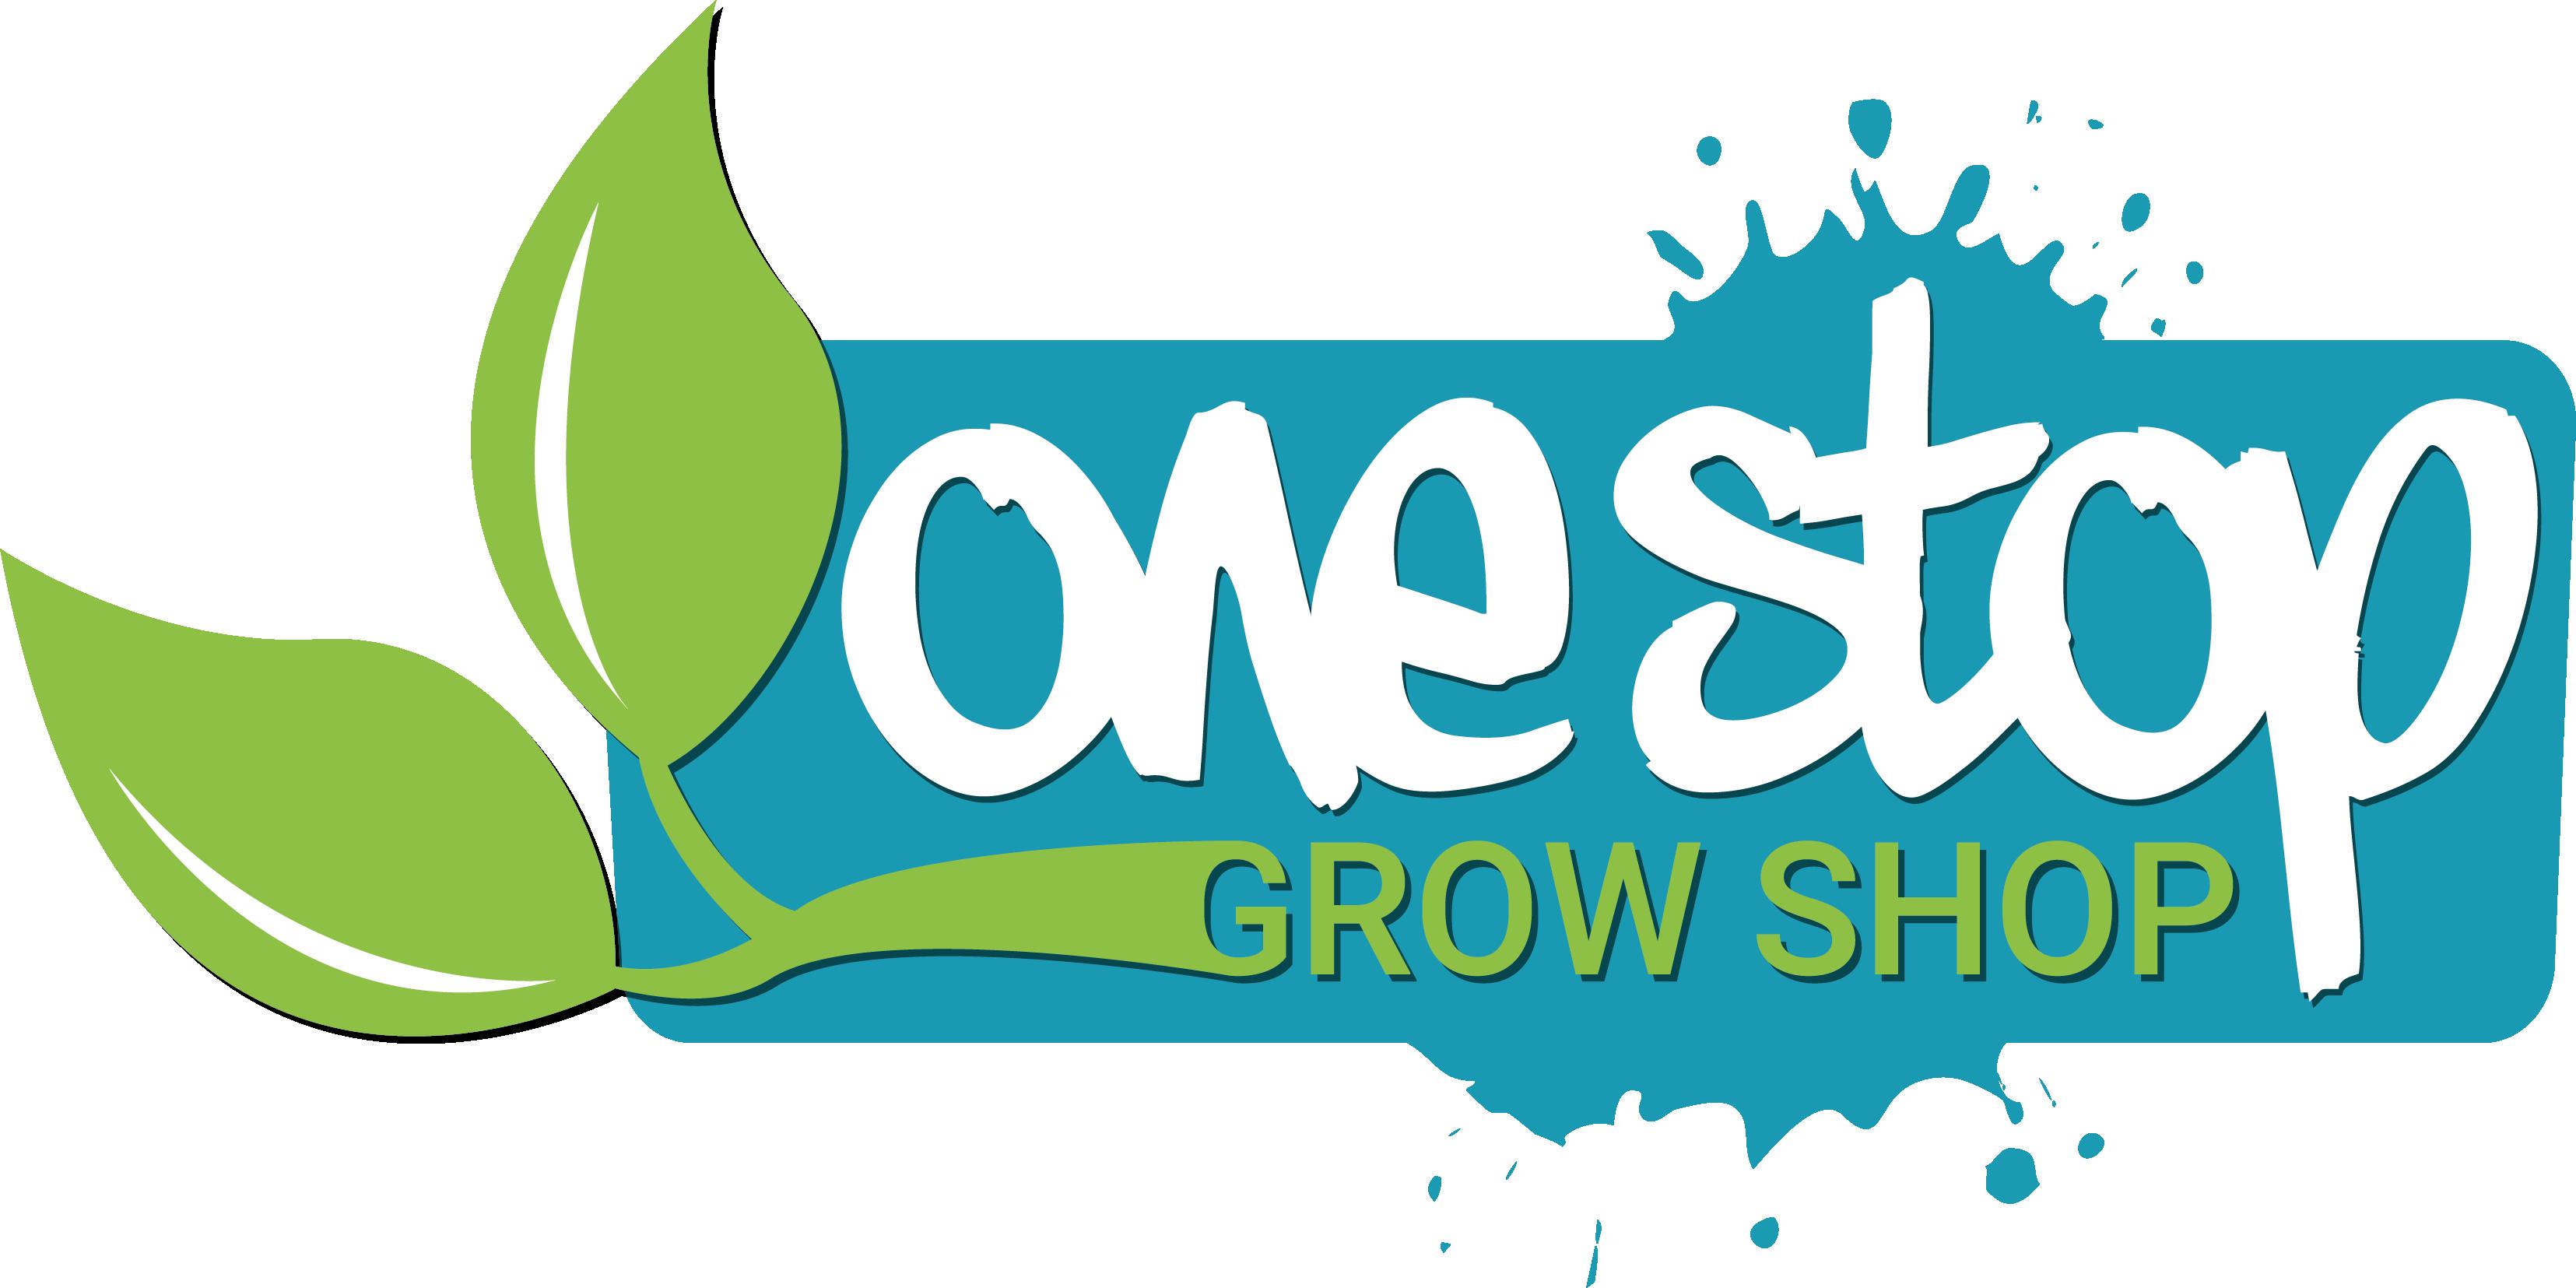 One Stop Grow Shop coupon code